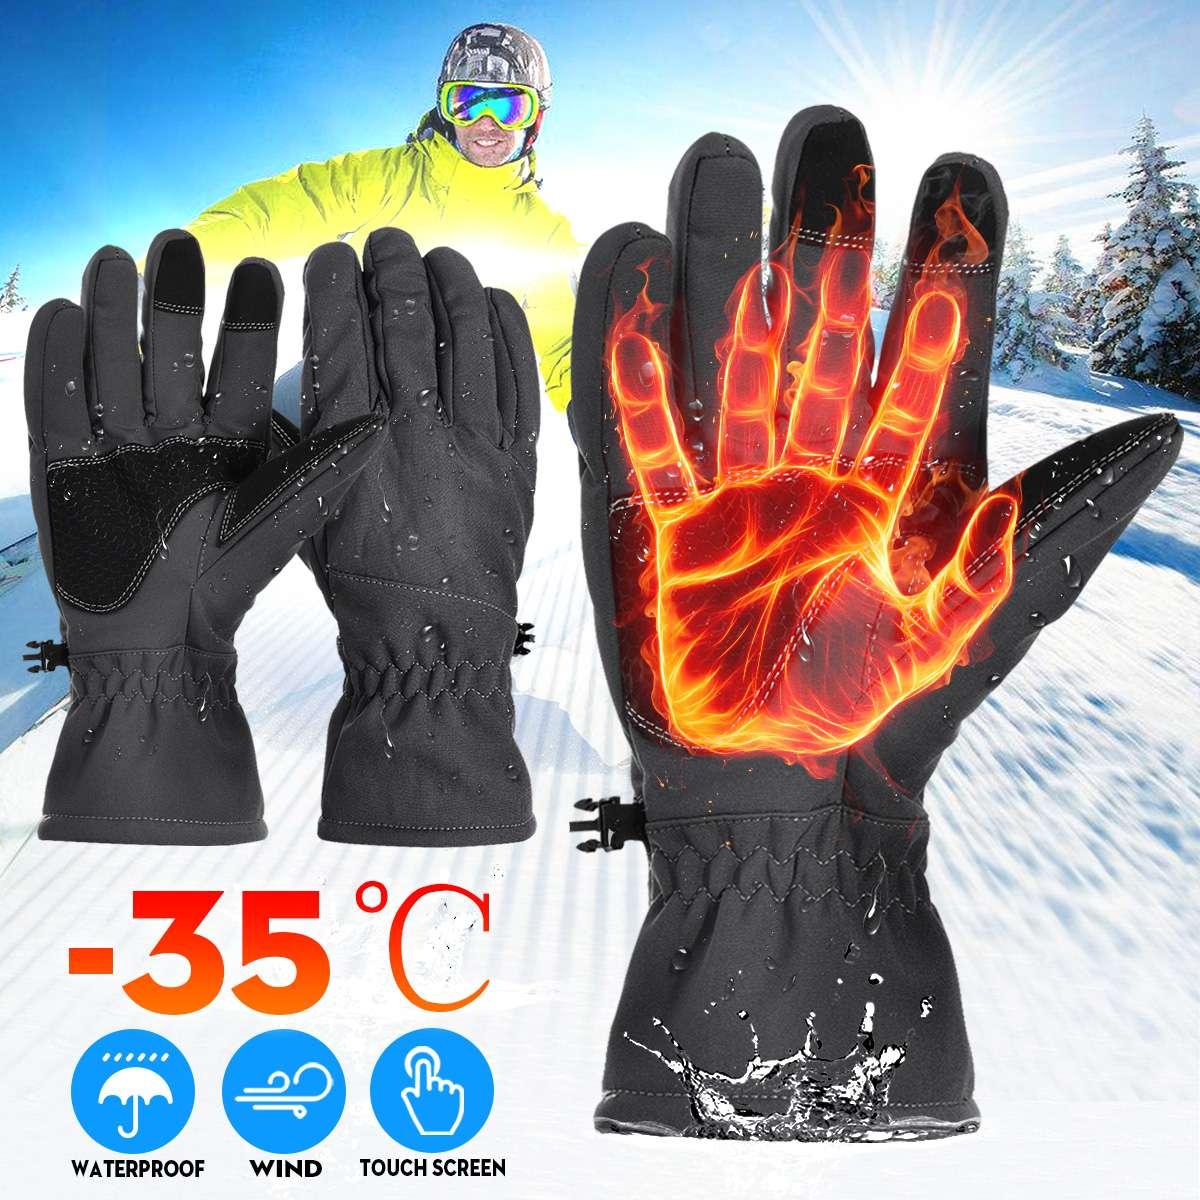 Luvas da motocicleta luvas aquecidas à prova dwaterproof água guantes moto inverno tela sensível ao toque luvas de motocross da motocicleta